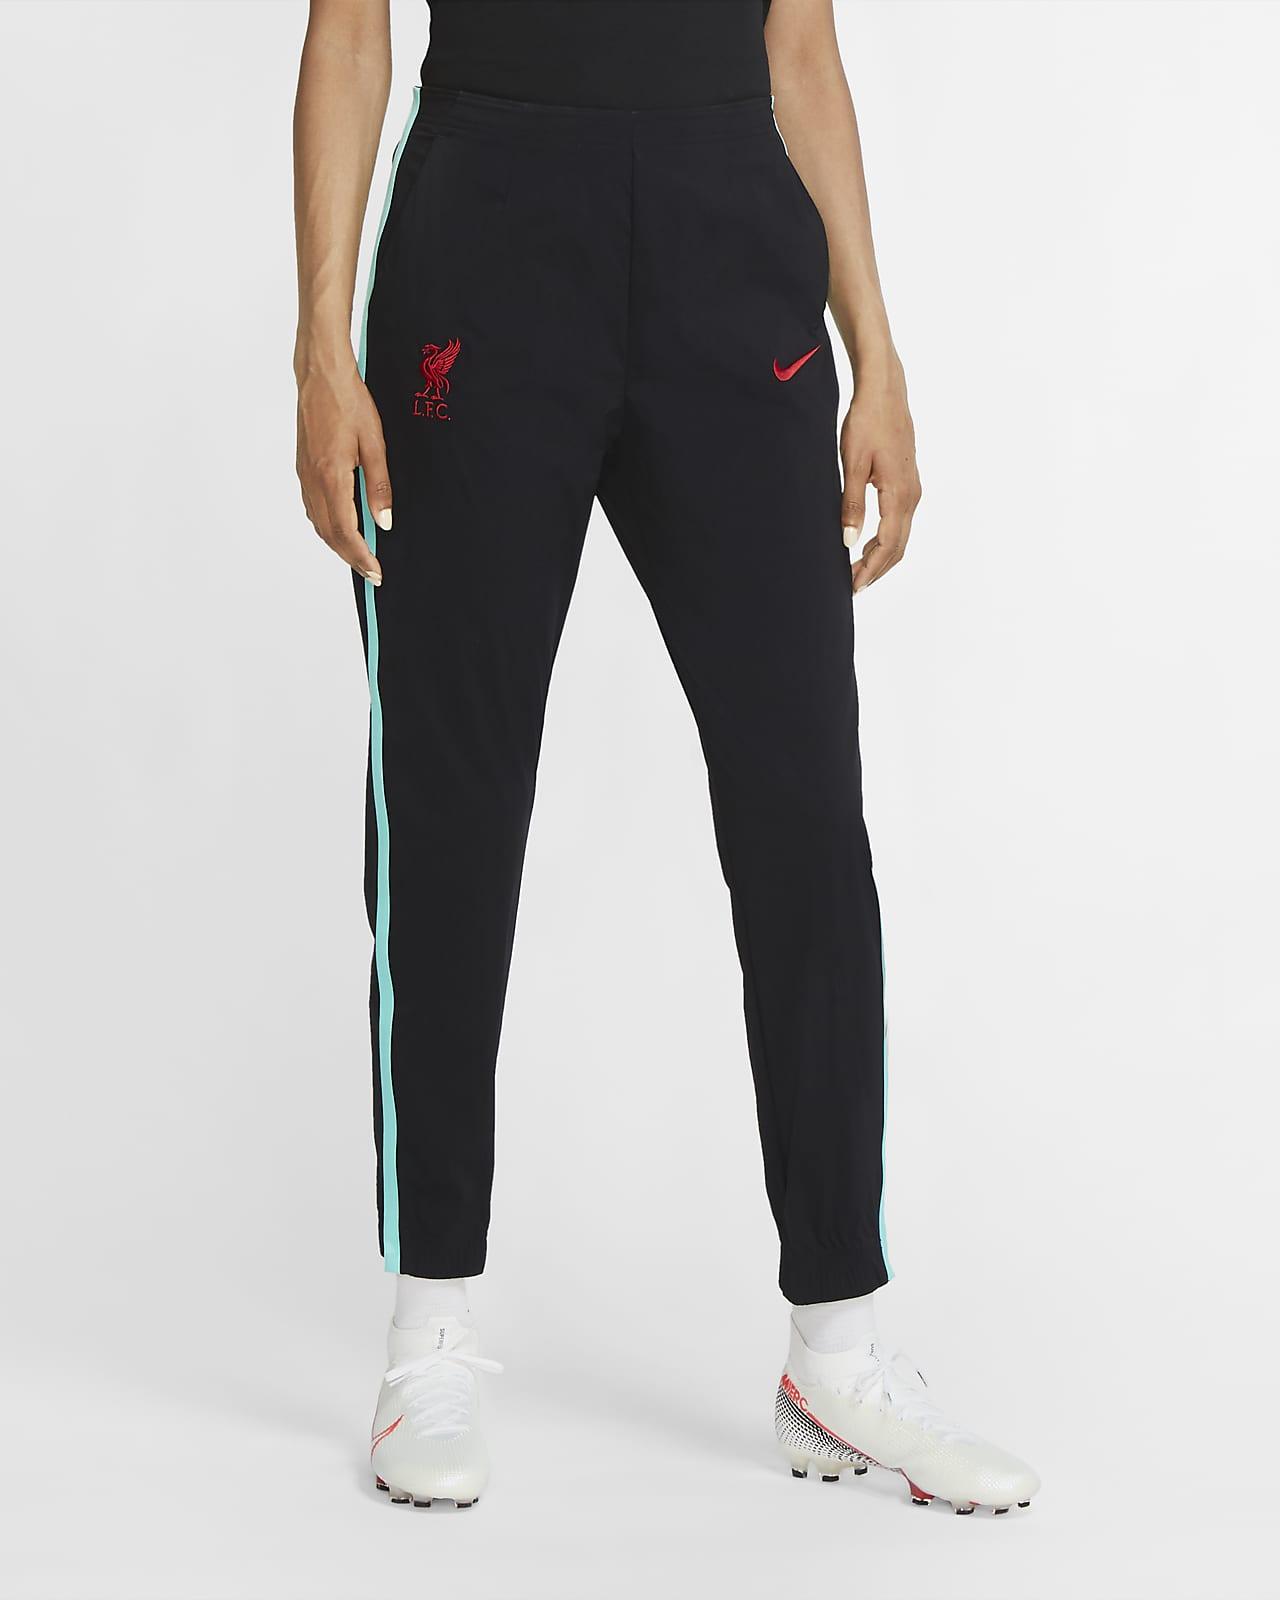 Pantalon de football Liverpool FC pour Femme